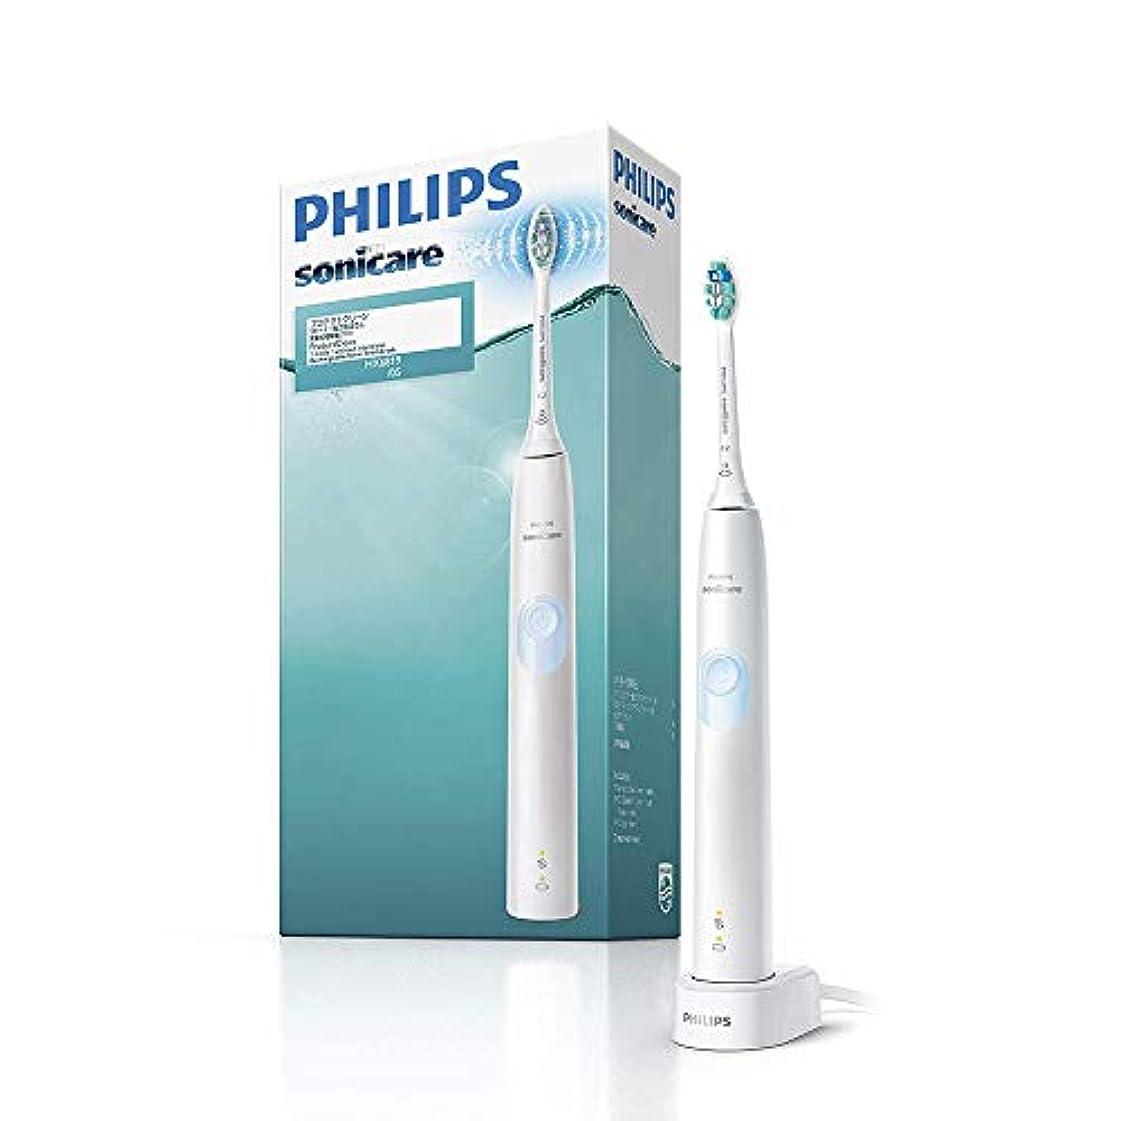 センサーセンサー排出【Amazon.co.jp限定】フィリップス ソニッケアー プロテクトクリーン ホワイトライトブルー 電動歯ブラシ 強さ設定なし HX6819/05